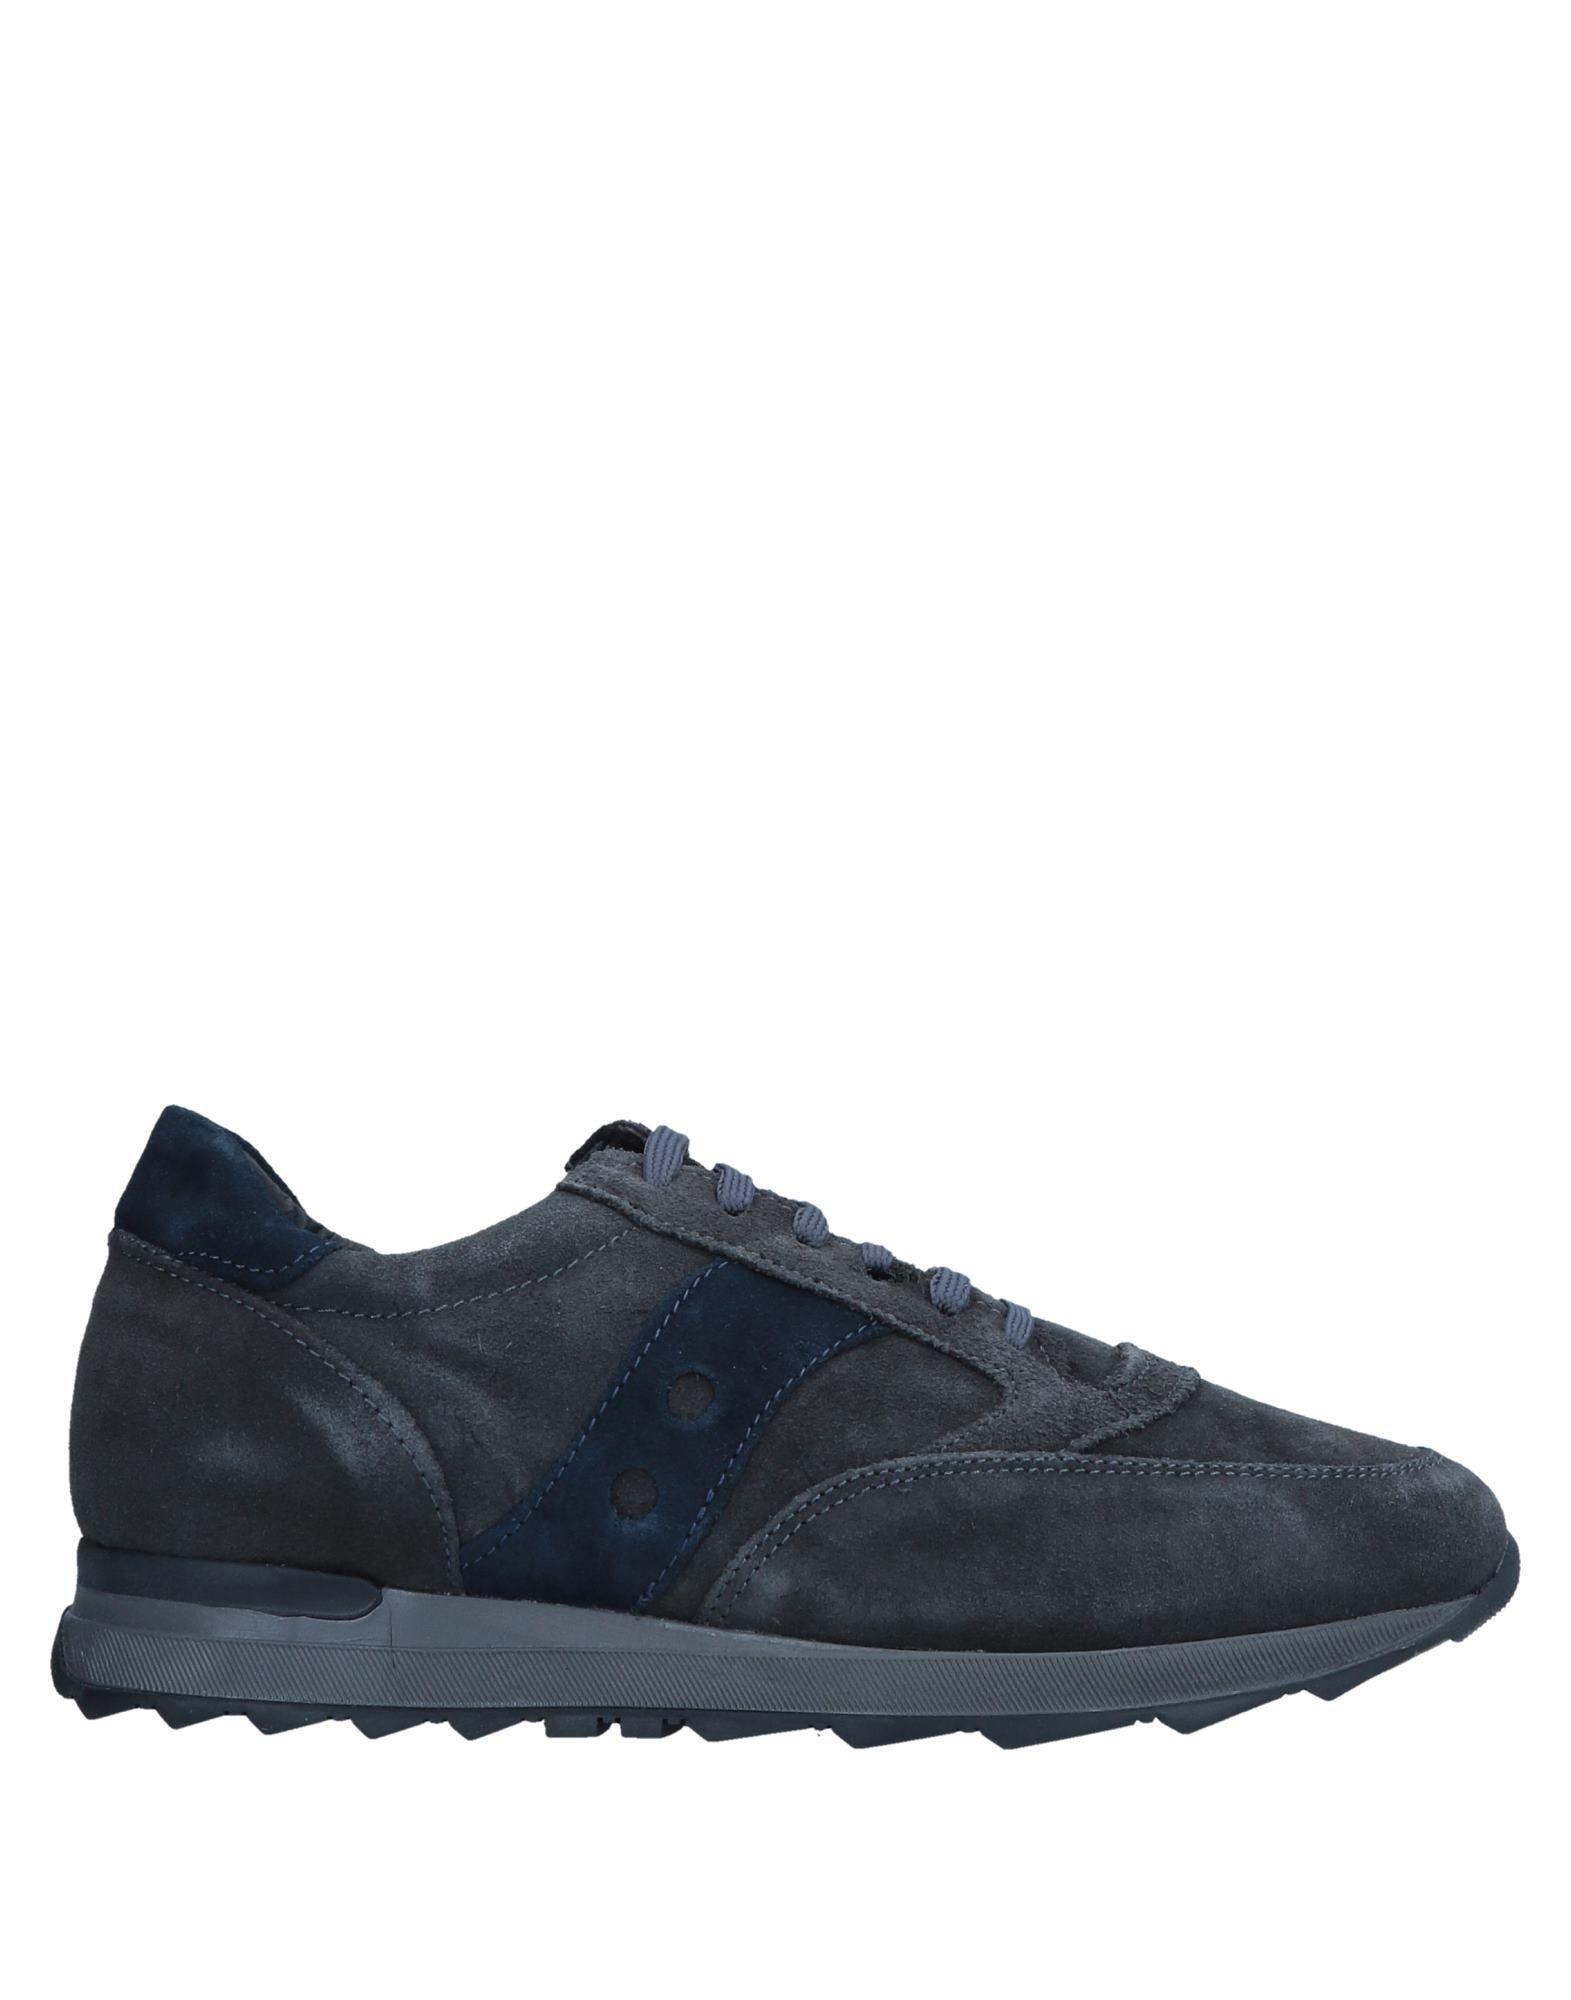 Rabatt echte Schuhe Roberto Della Croce Sneakers Herren  11559609UR